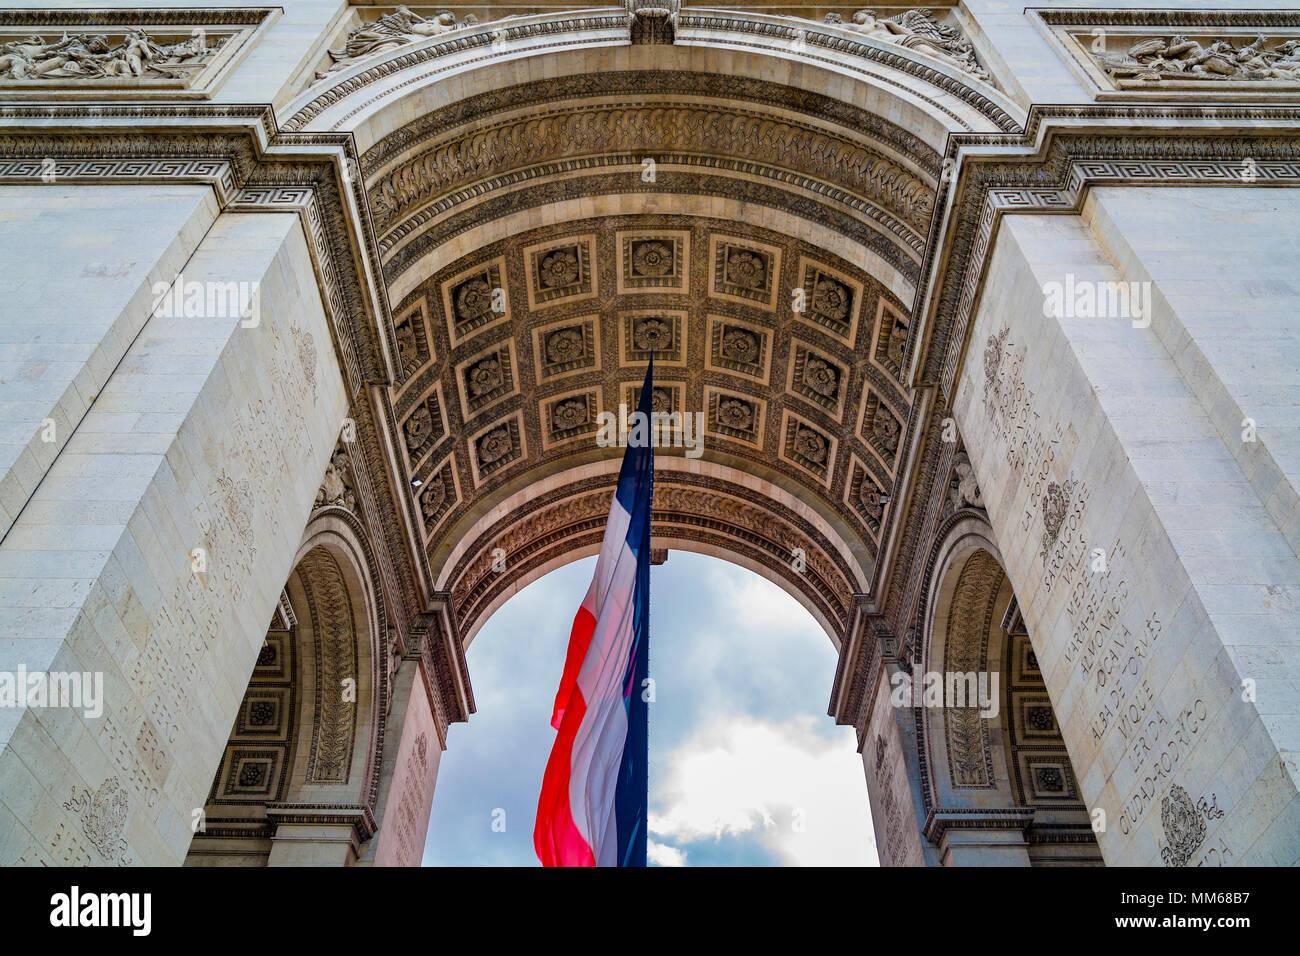 Bandera francesa tricolor volar debajo de Arc de Triomphe, Paris, Francia Imagen De Stock